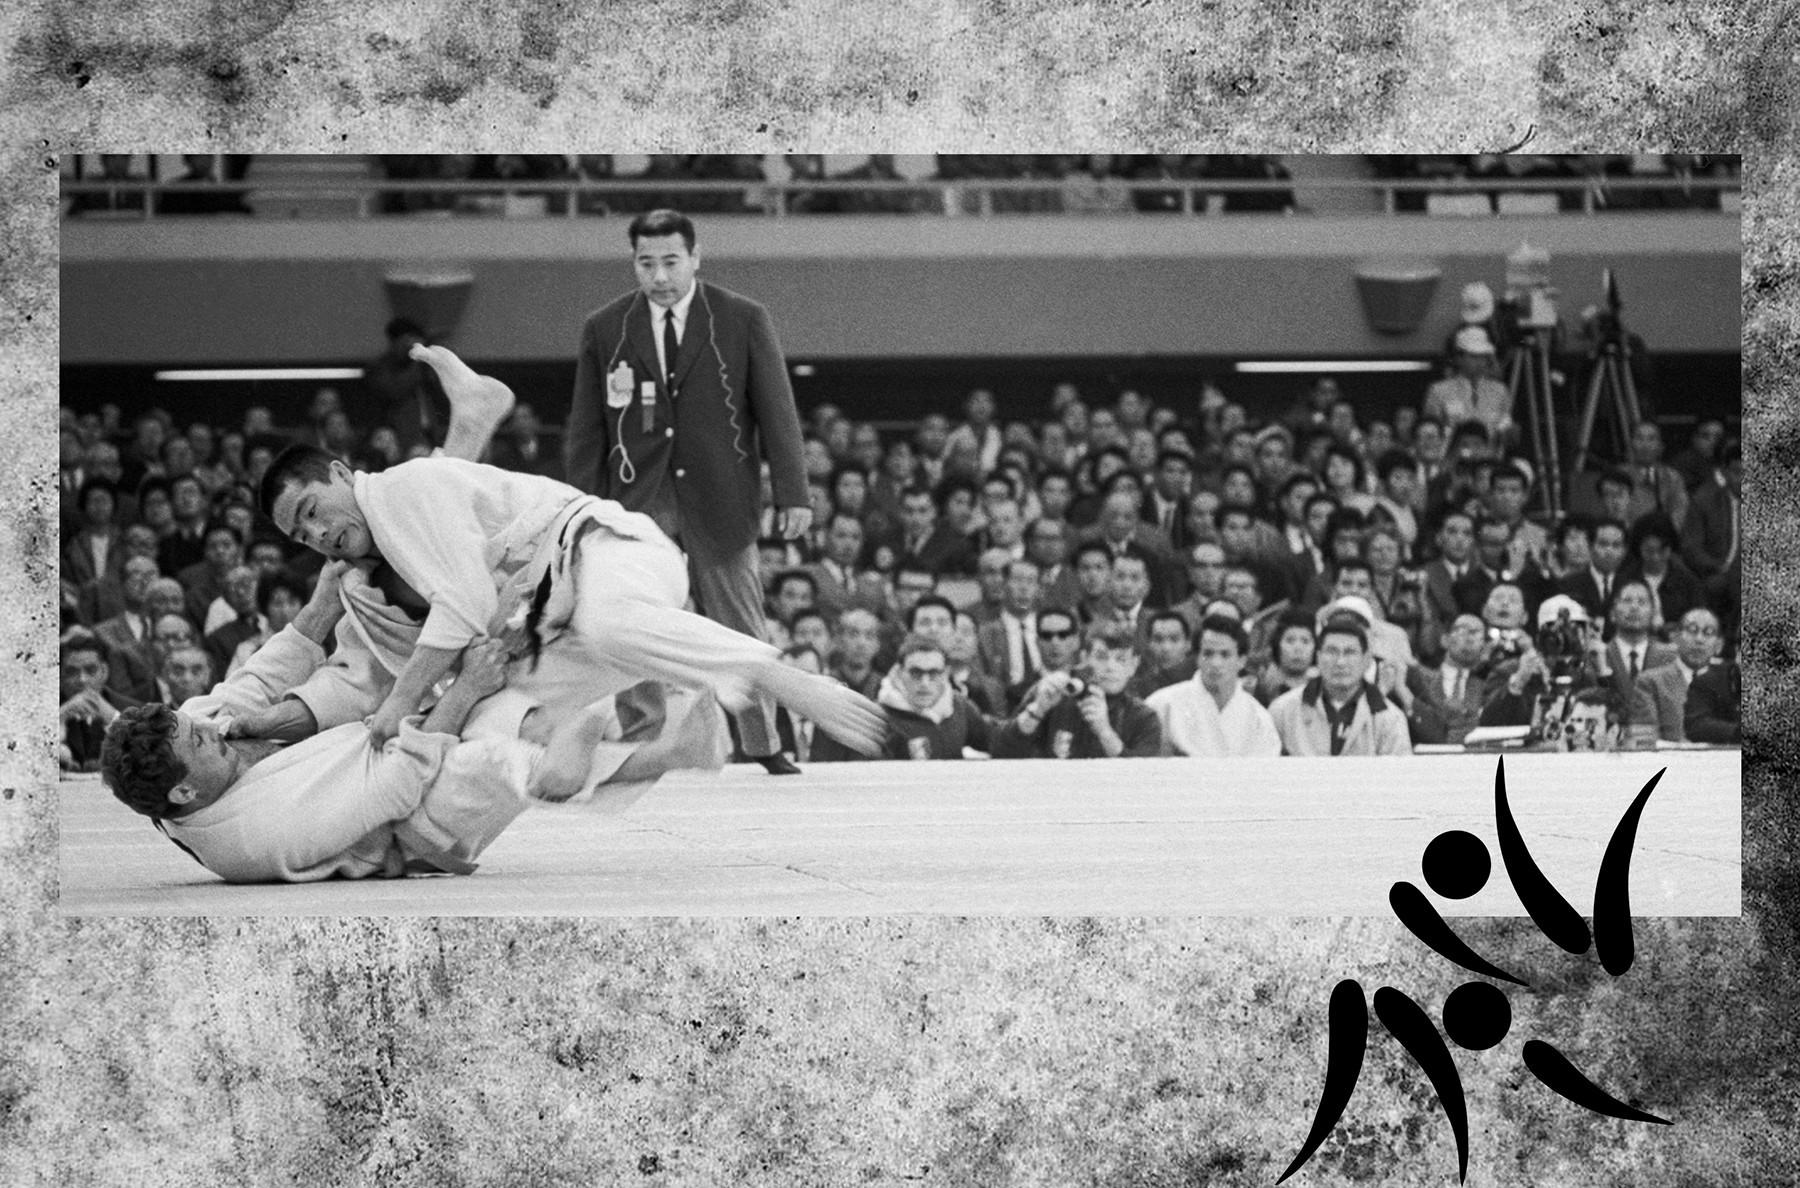 東京。1964年10月12日。試合中の重量級オリンピックチャンピオン、猪熊功。